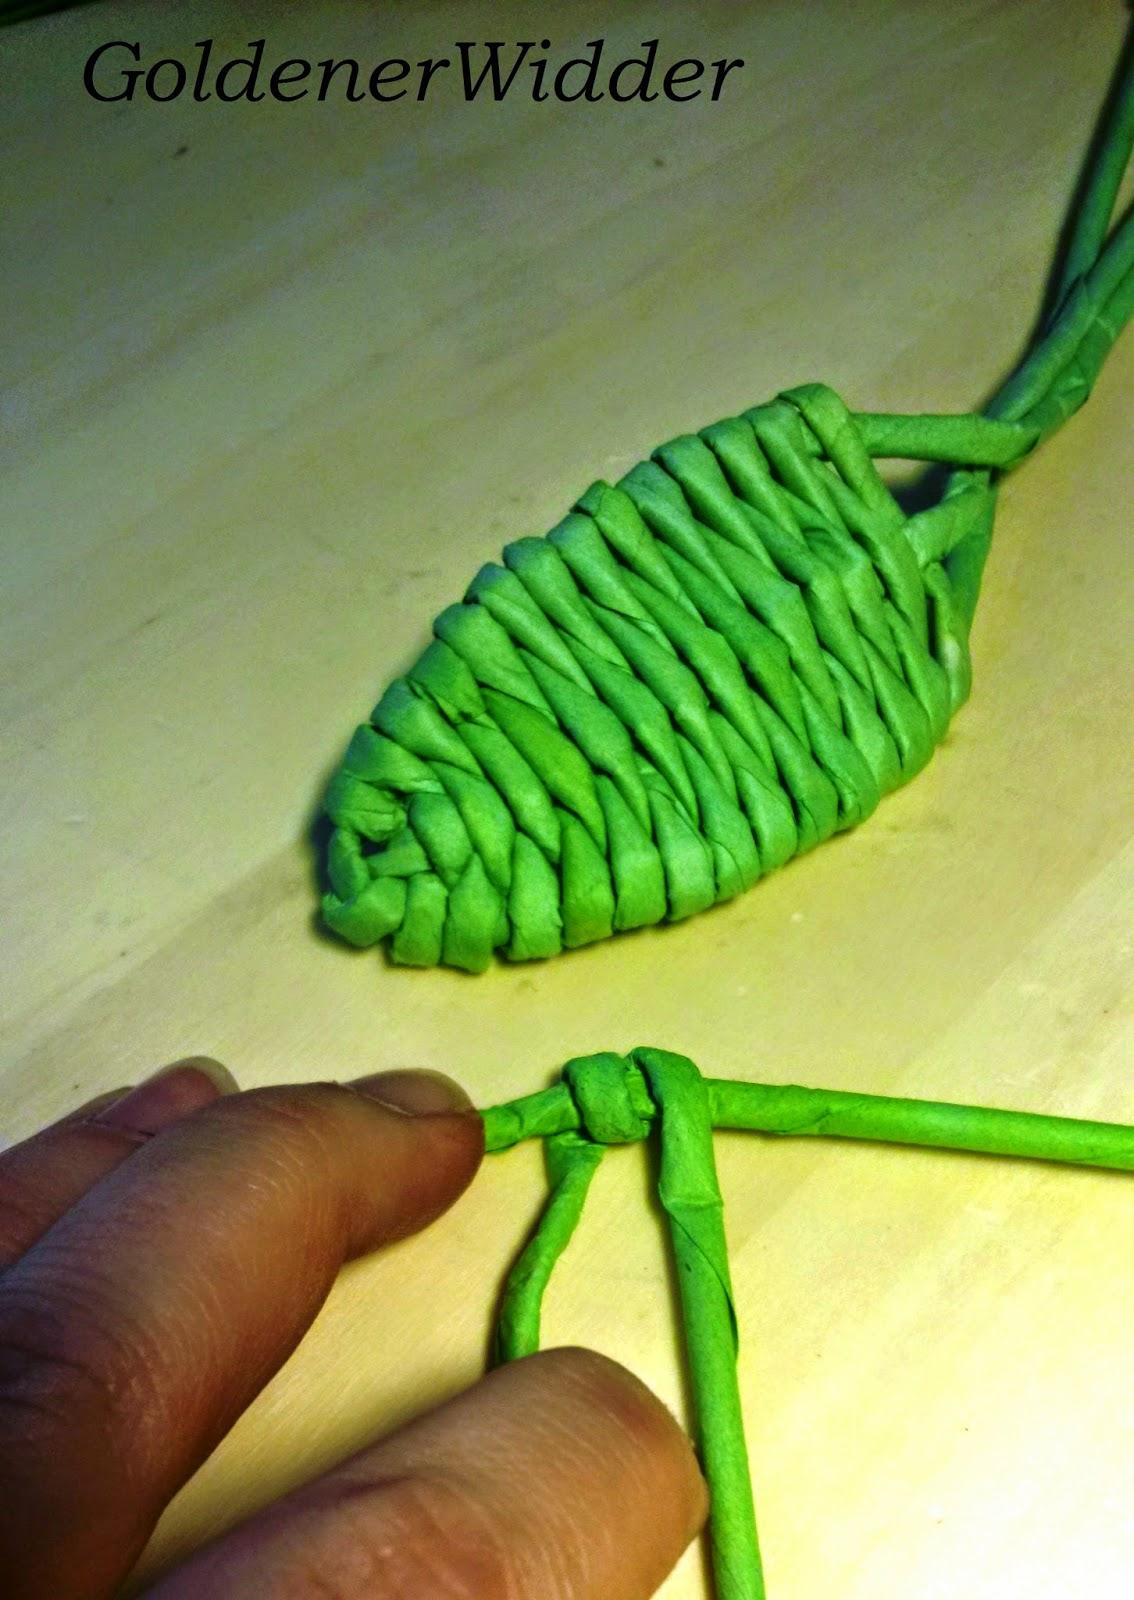 Ситцевое плетение Количество стоек четное - позволяет плести